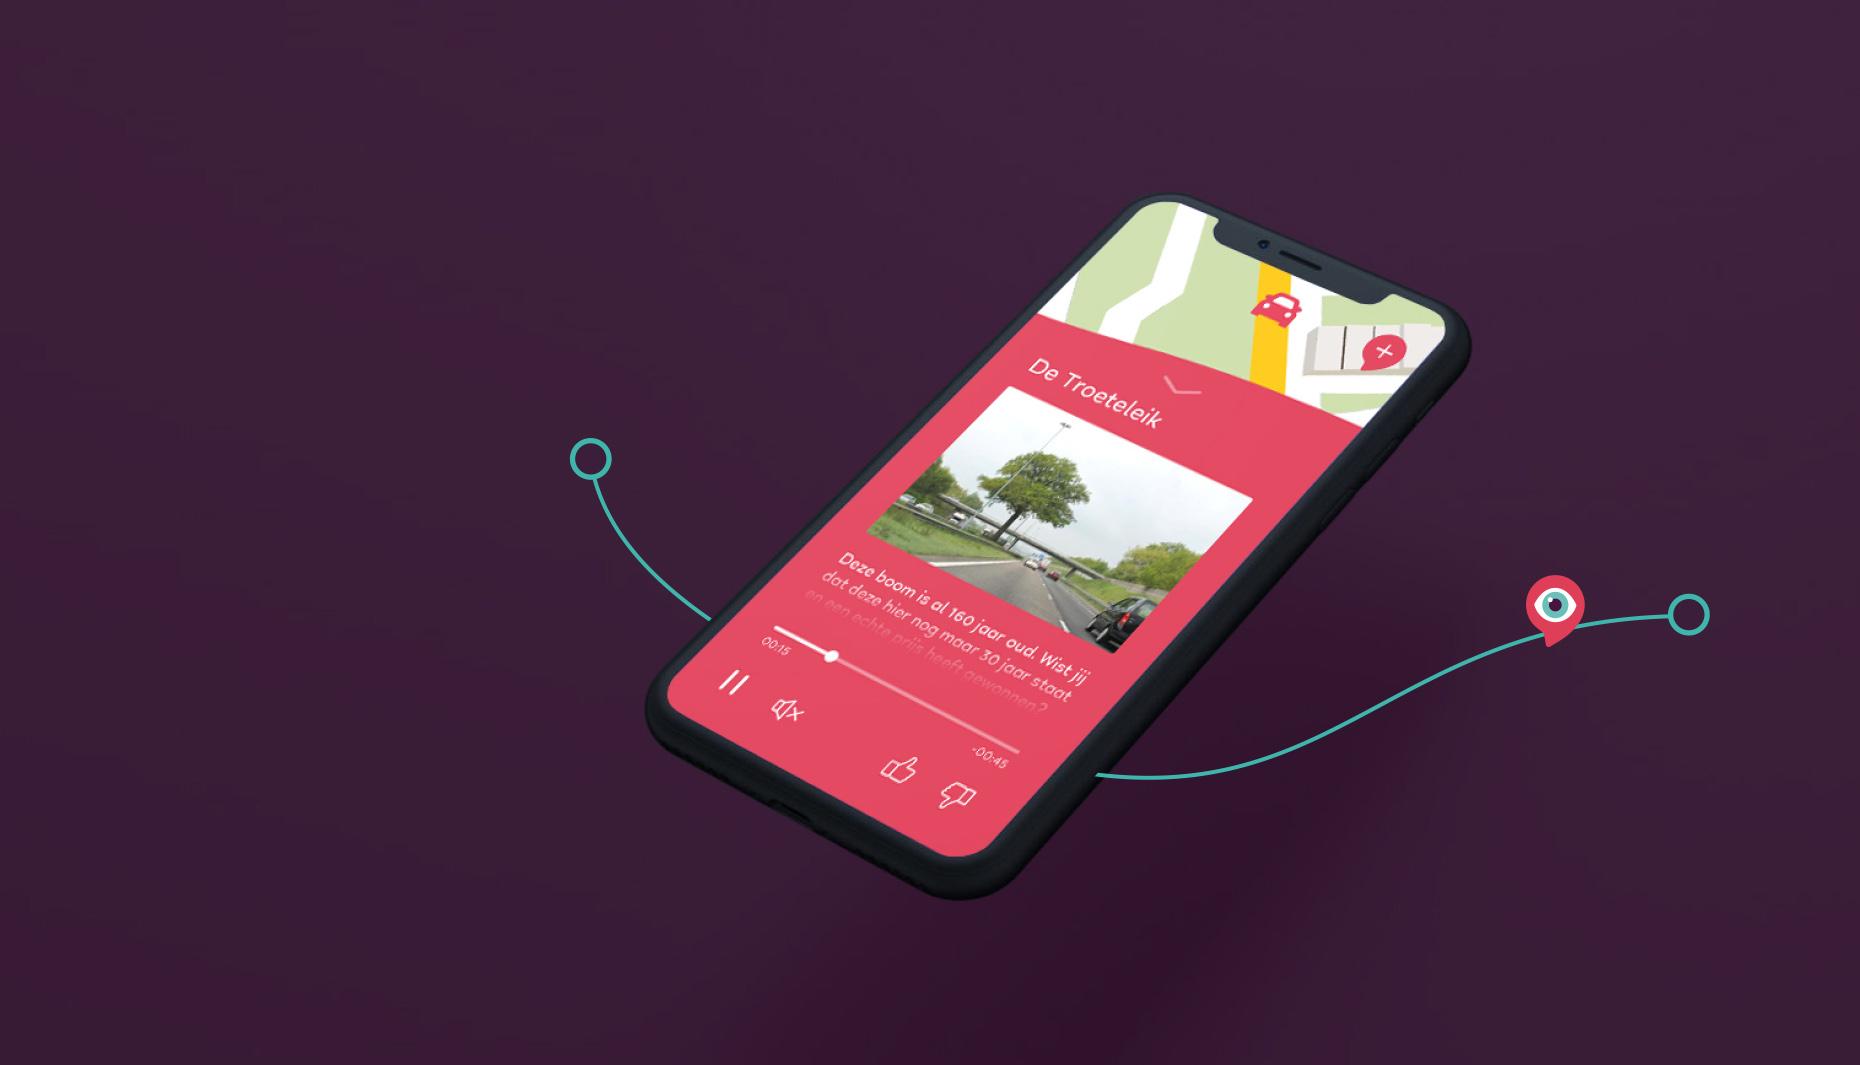 UnitR Reclamebureau Utrecht App Vormgeving MsNosy grafische vormgeving utrecht